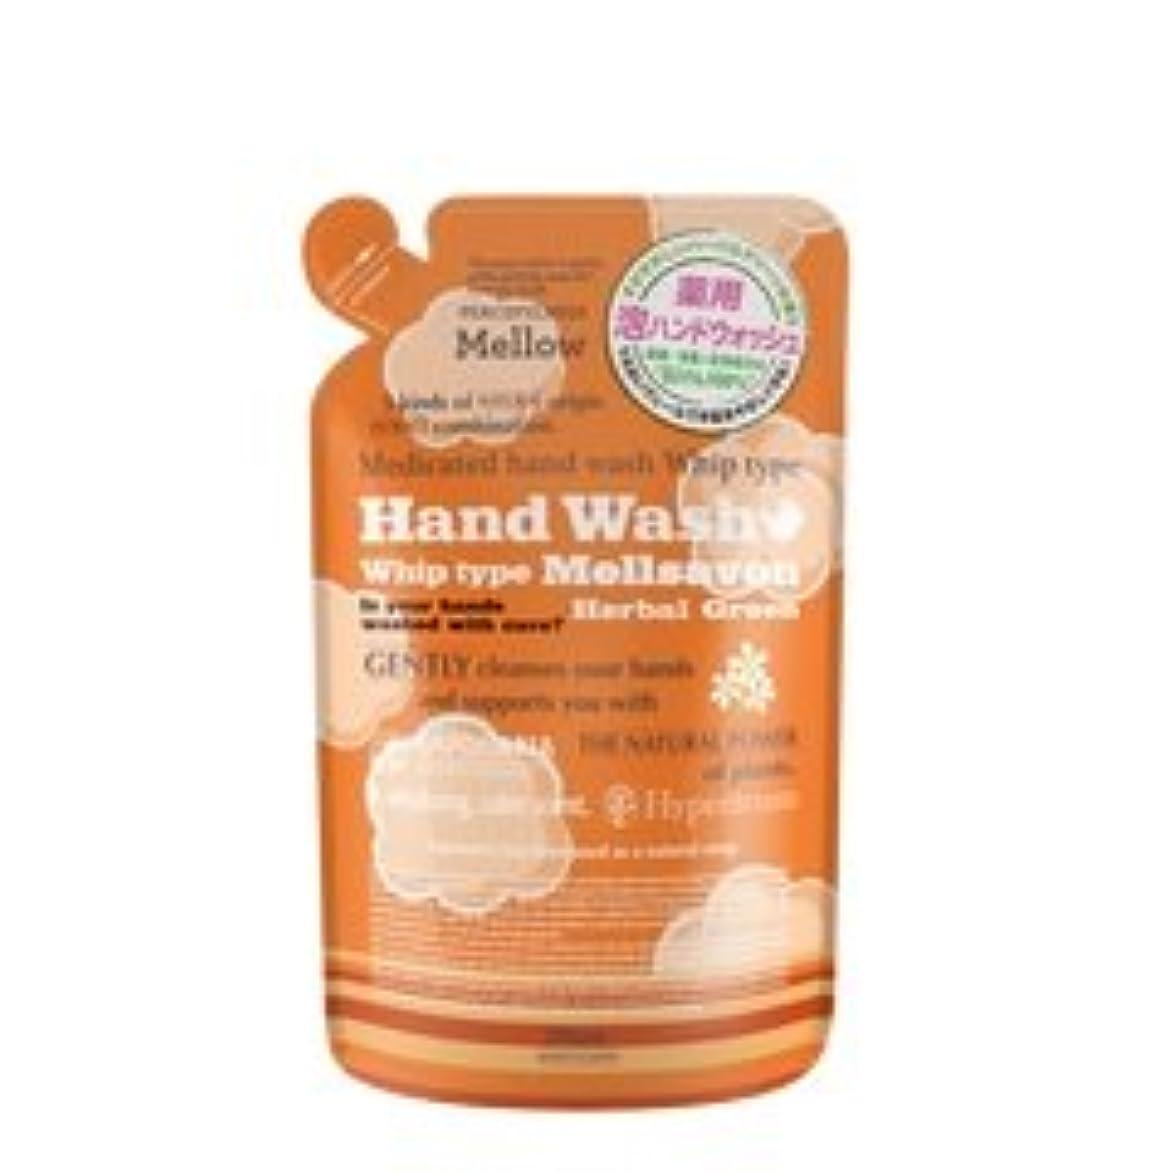 環境保護主義者取り替える豆腐メルサボン ハンドウォッシュホイップ ハーバルグリーン詰替